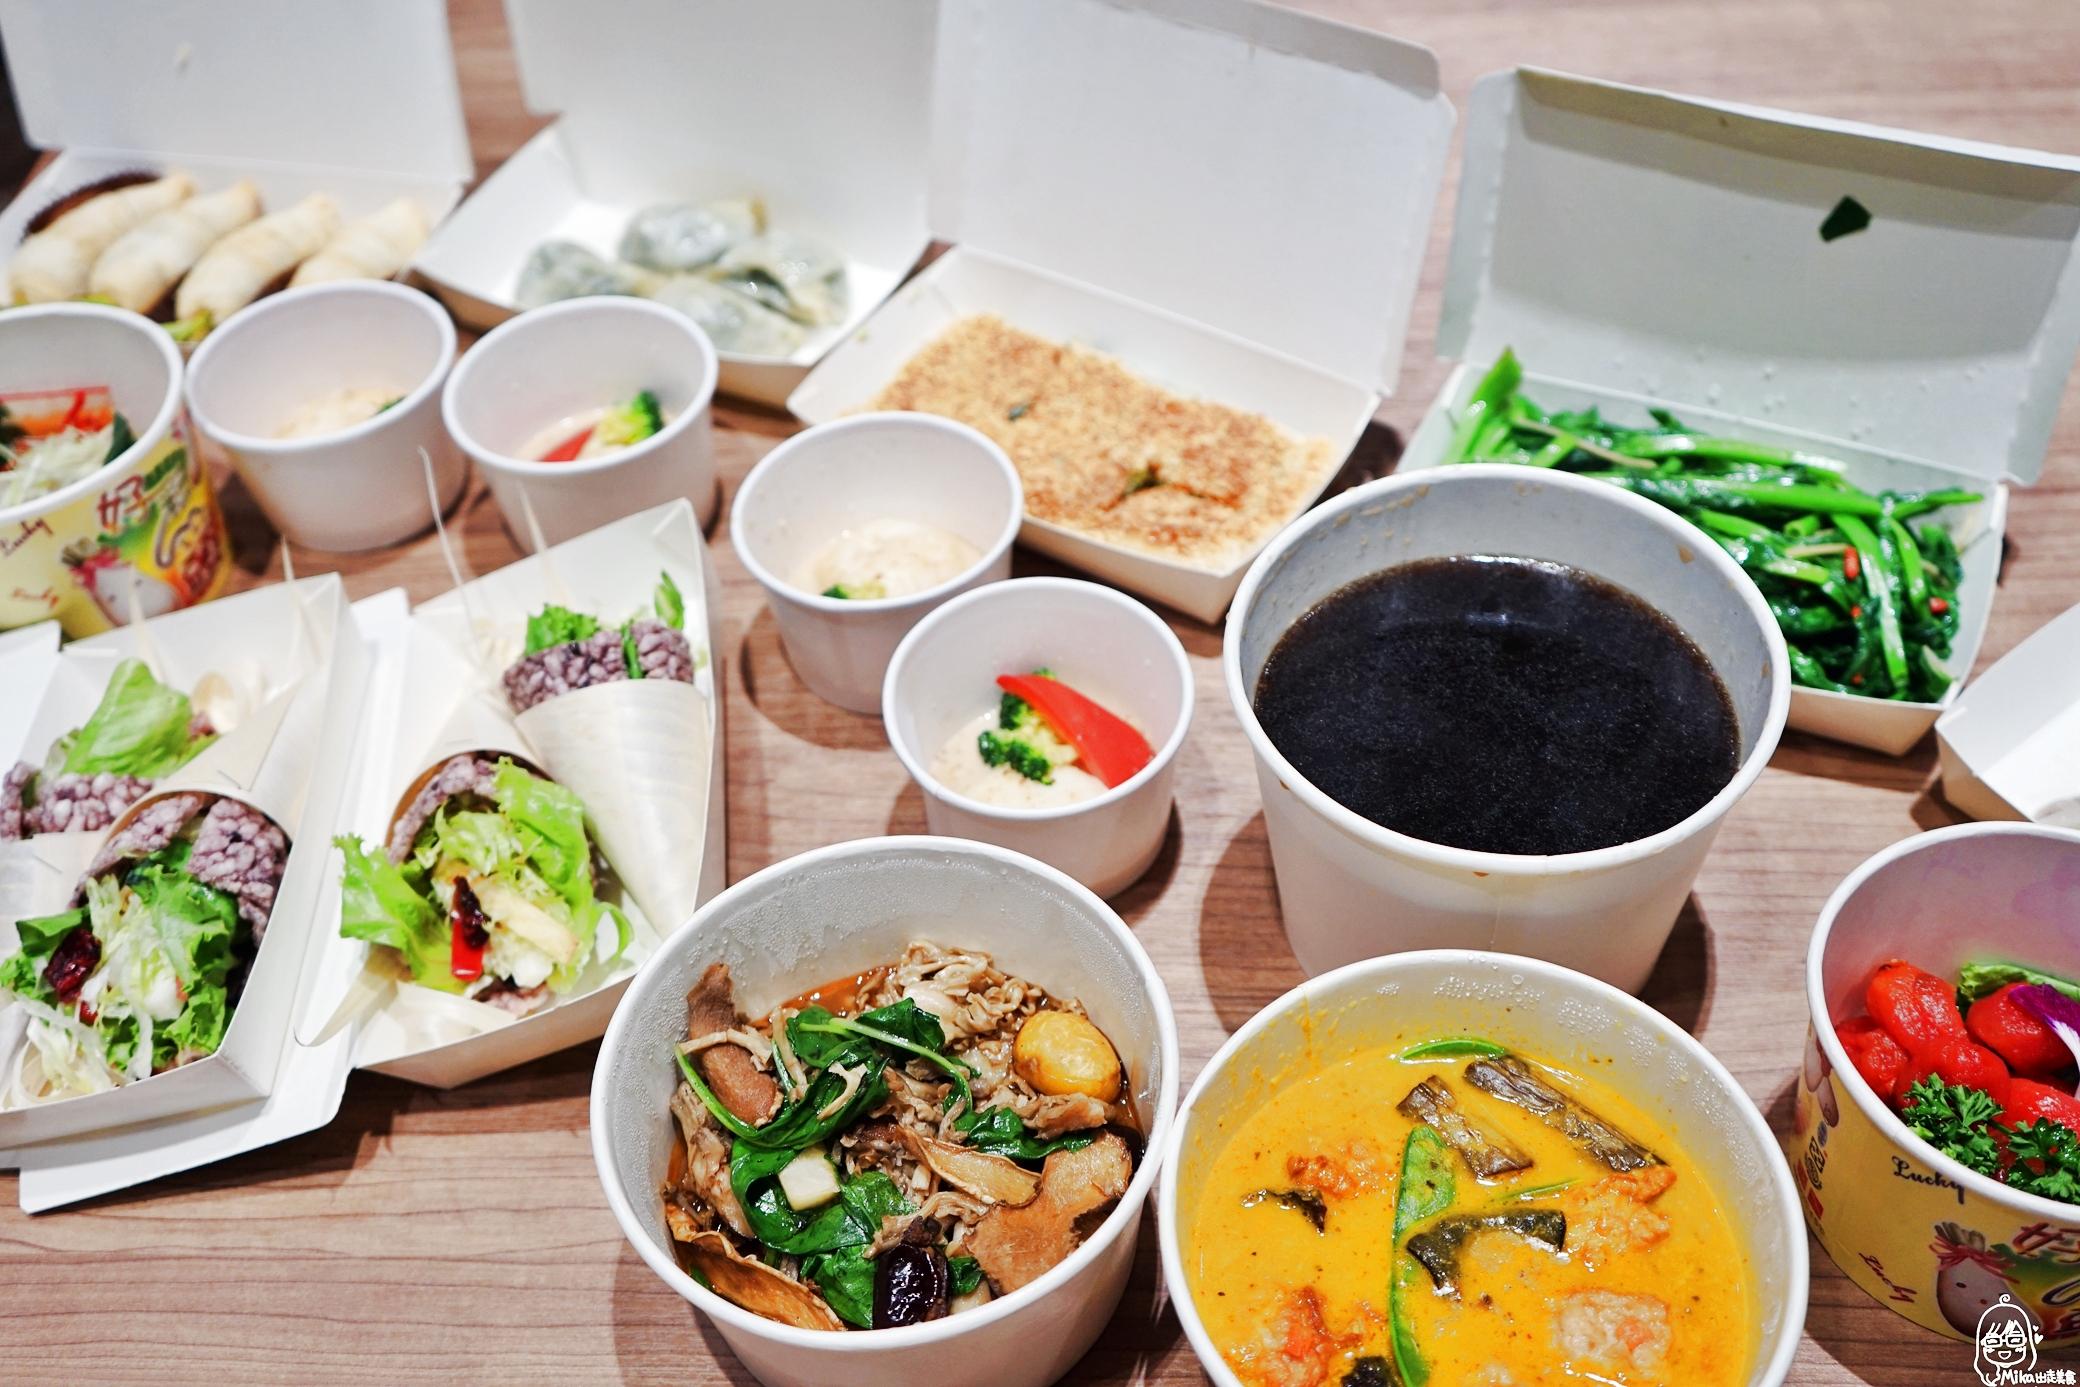 『新北。中和』 崇德發蔬食餐廳|這一家蔬食很不一樣  精緻創意還很港式  堅持當季食材 有機蔬果 產地直送 還有頂級婚宴殿堂用餐環境。